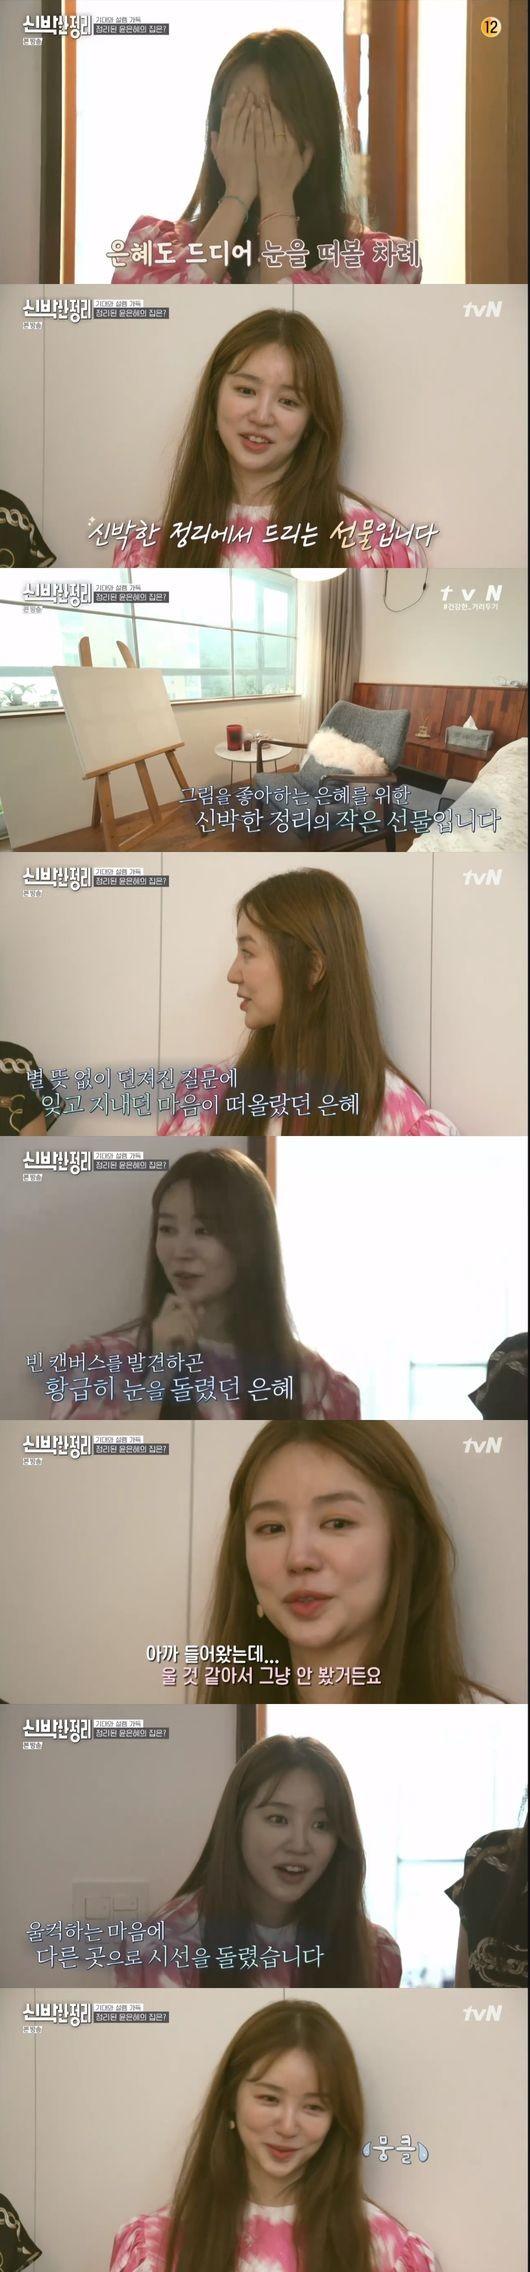 10일 방송된 tvN 예능 프로그램 '신박한 정리'에서는 배우 윤은혜가 출연해 자신의 집을 공개했다. 사진=tvN '신박한 정리' 방송 캡처